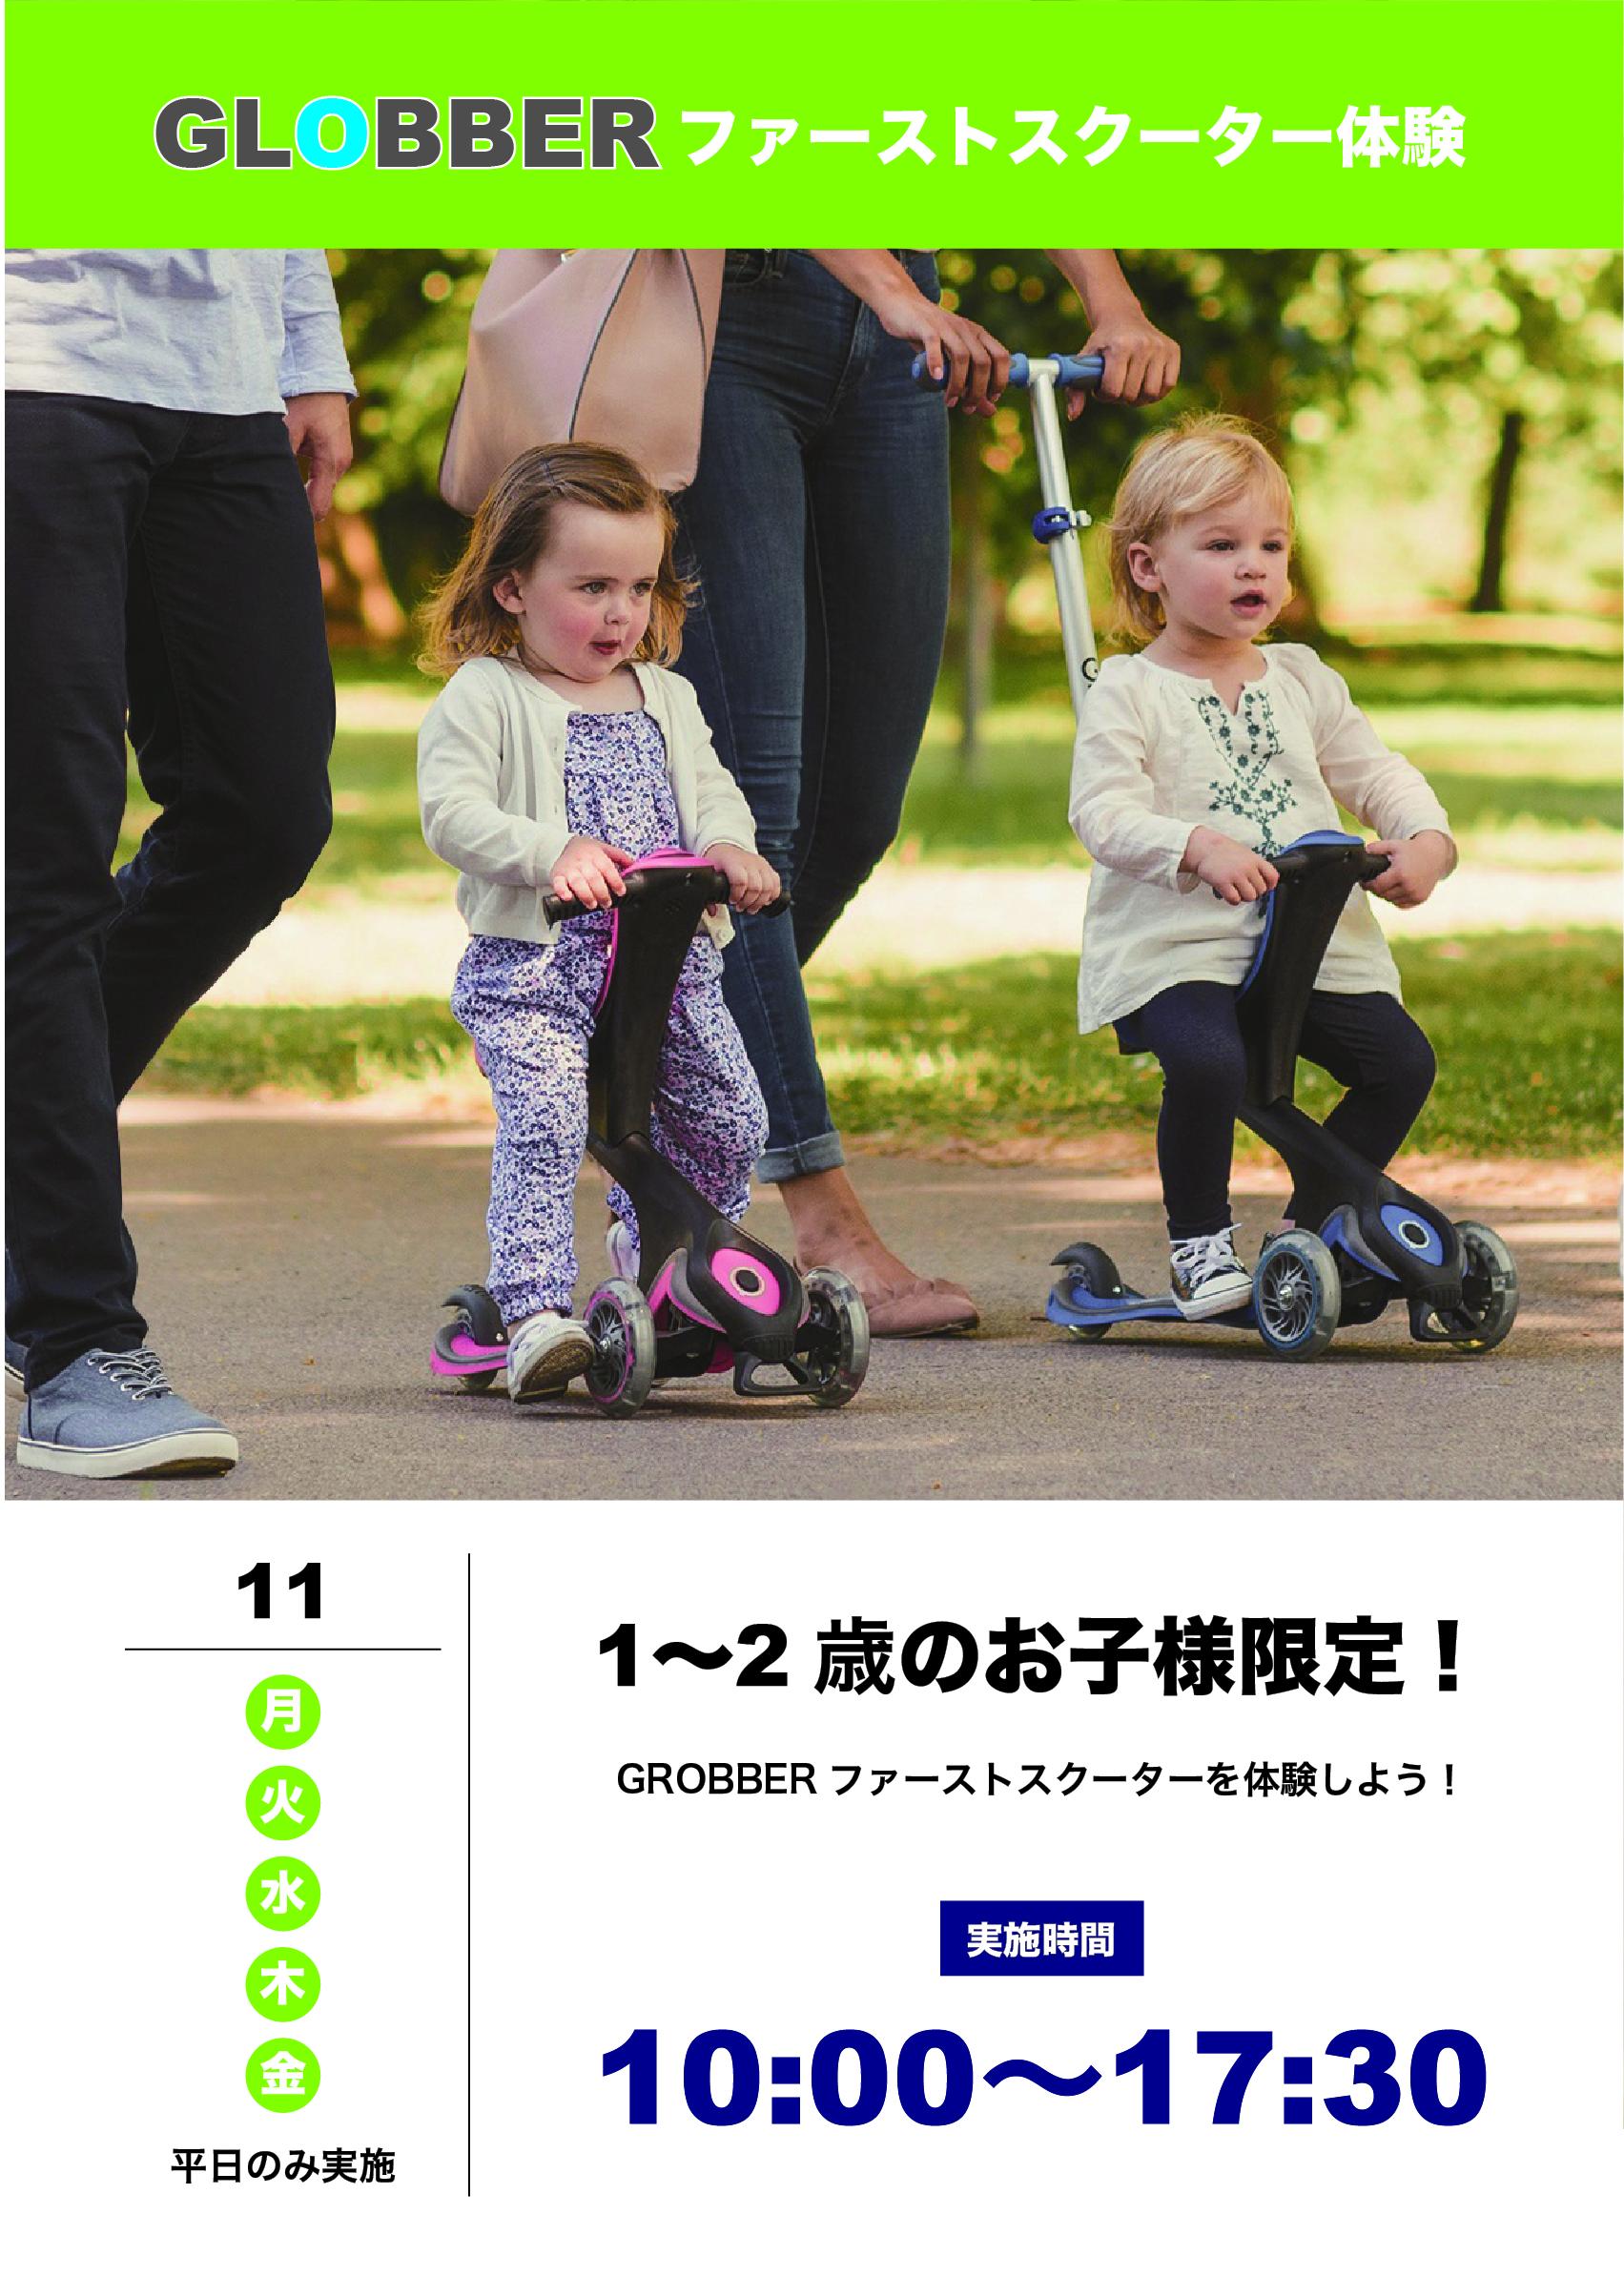 阪急西宮ガーデンズ店 GLOBBERファーストスクーター体験イベント